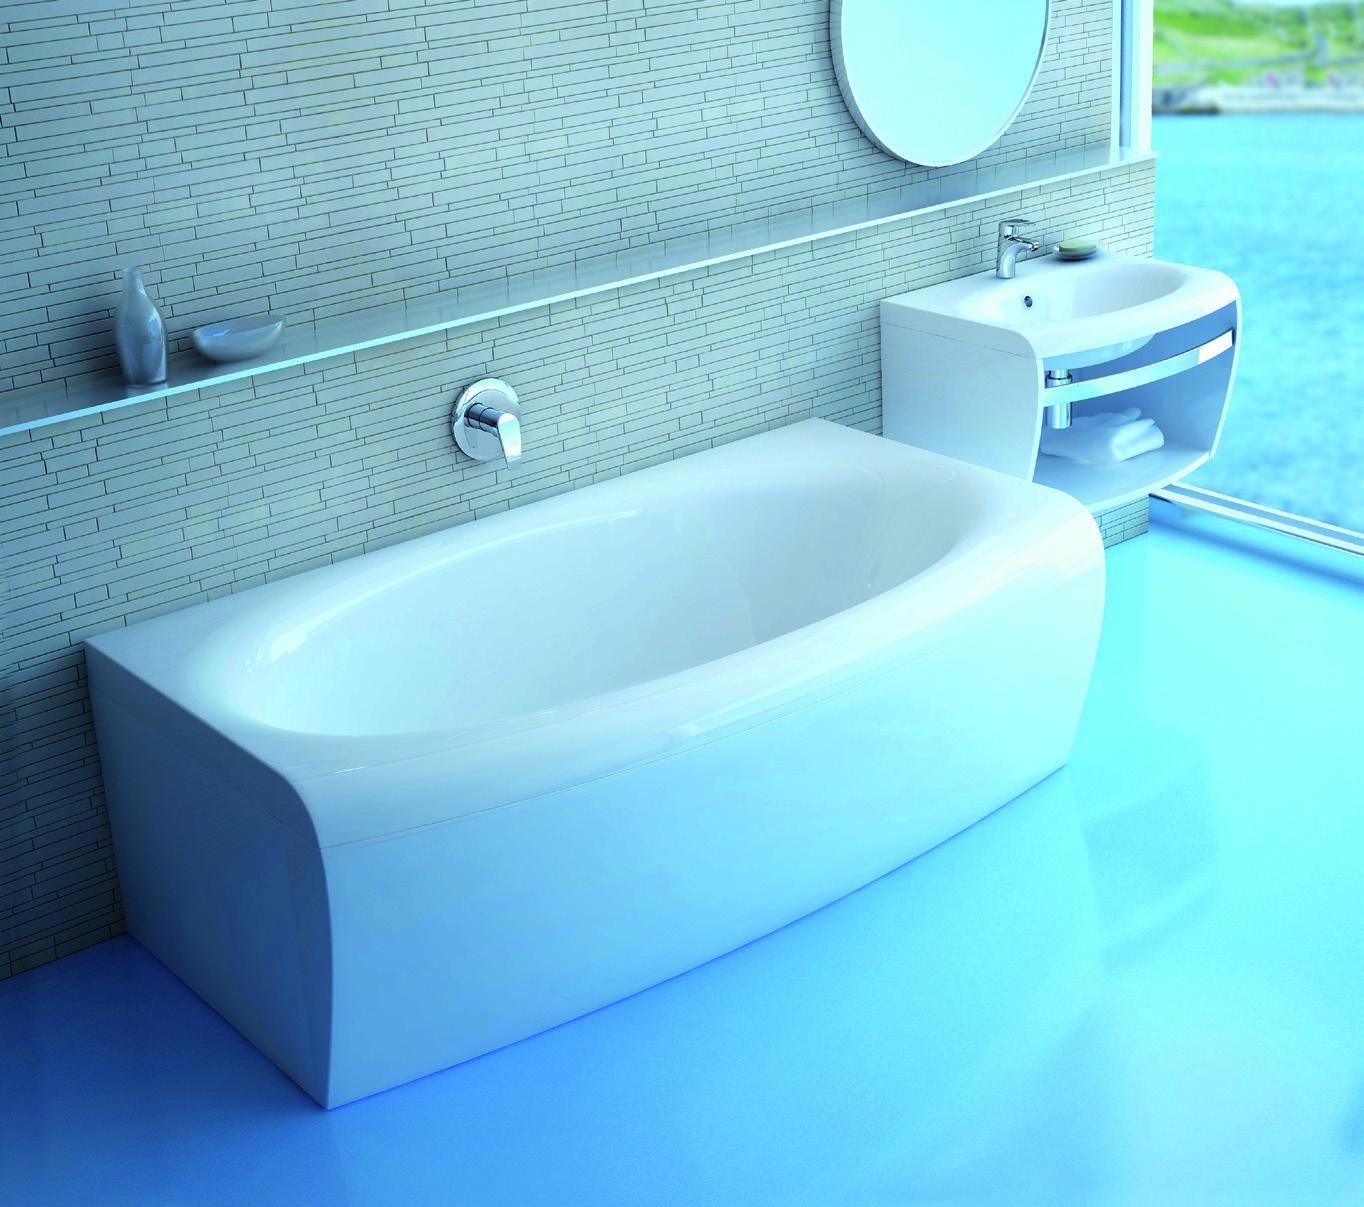 Design Revolution - Vrchol evoluce koupelnových řešení RAVAK